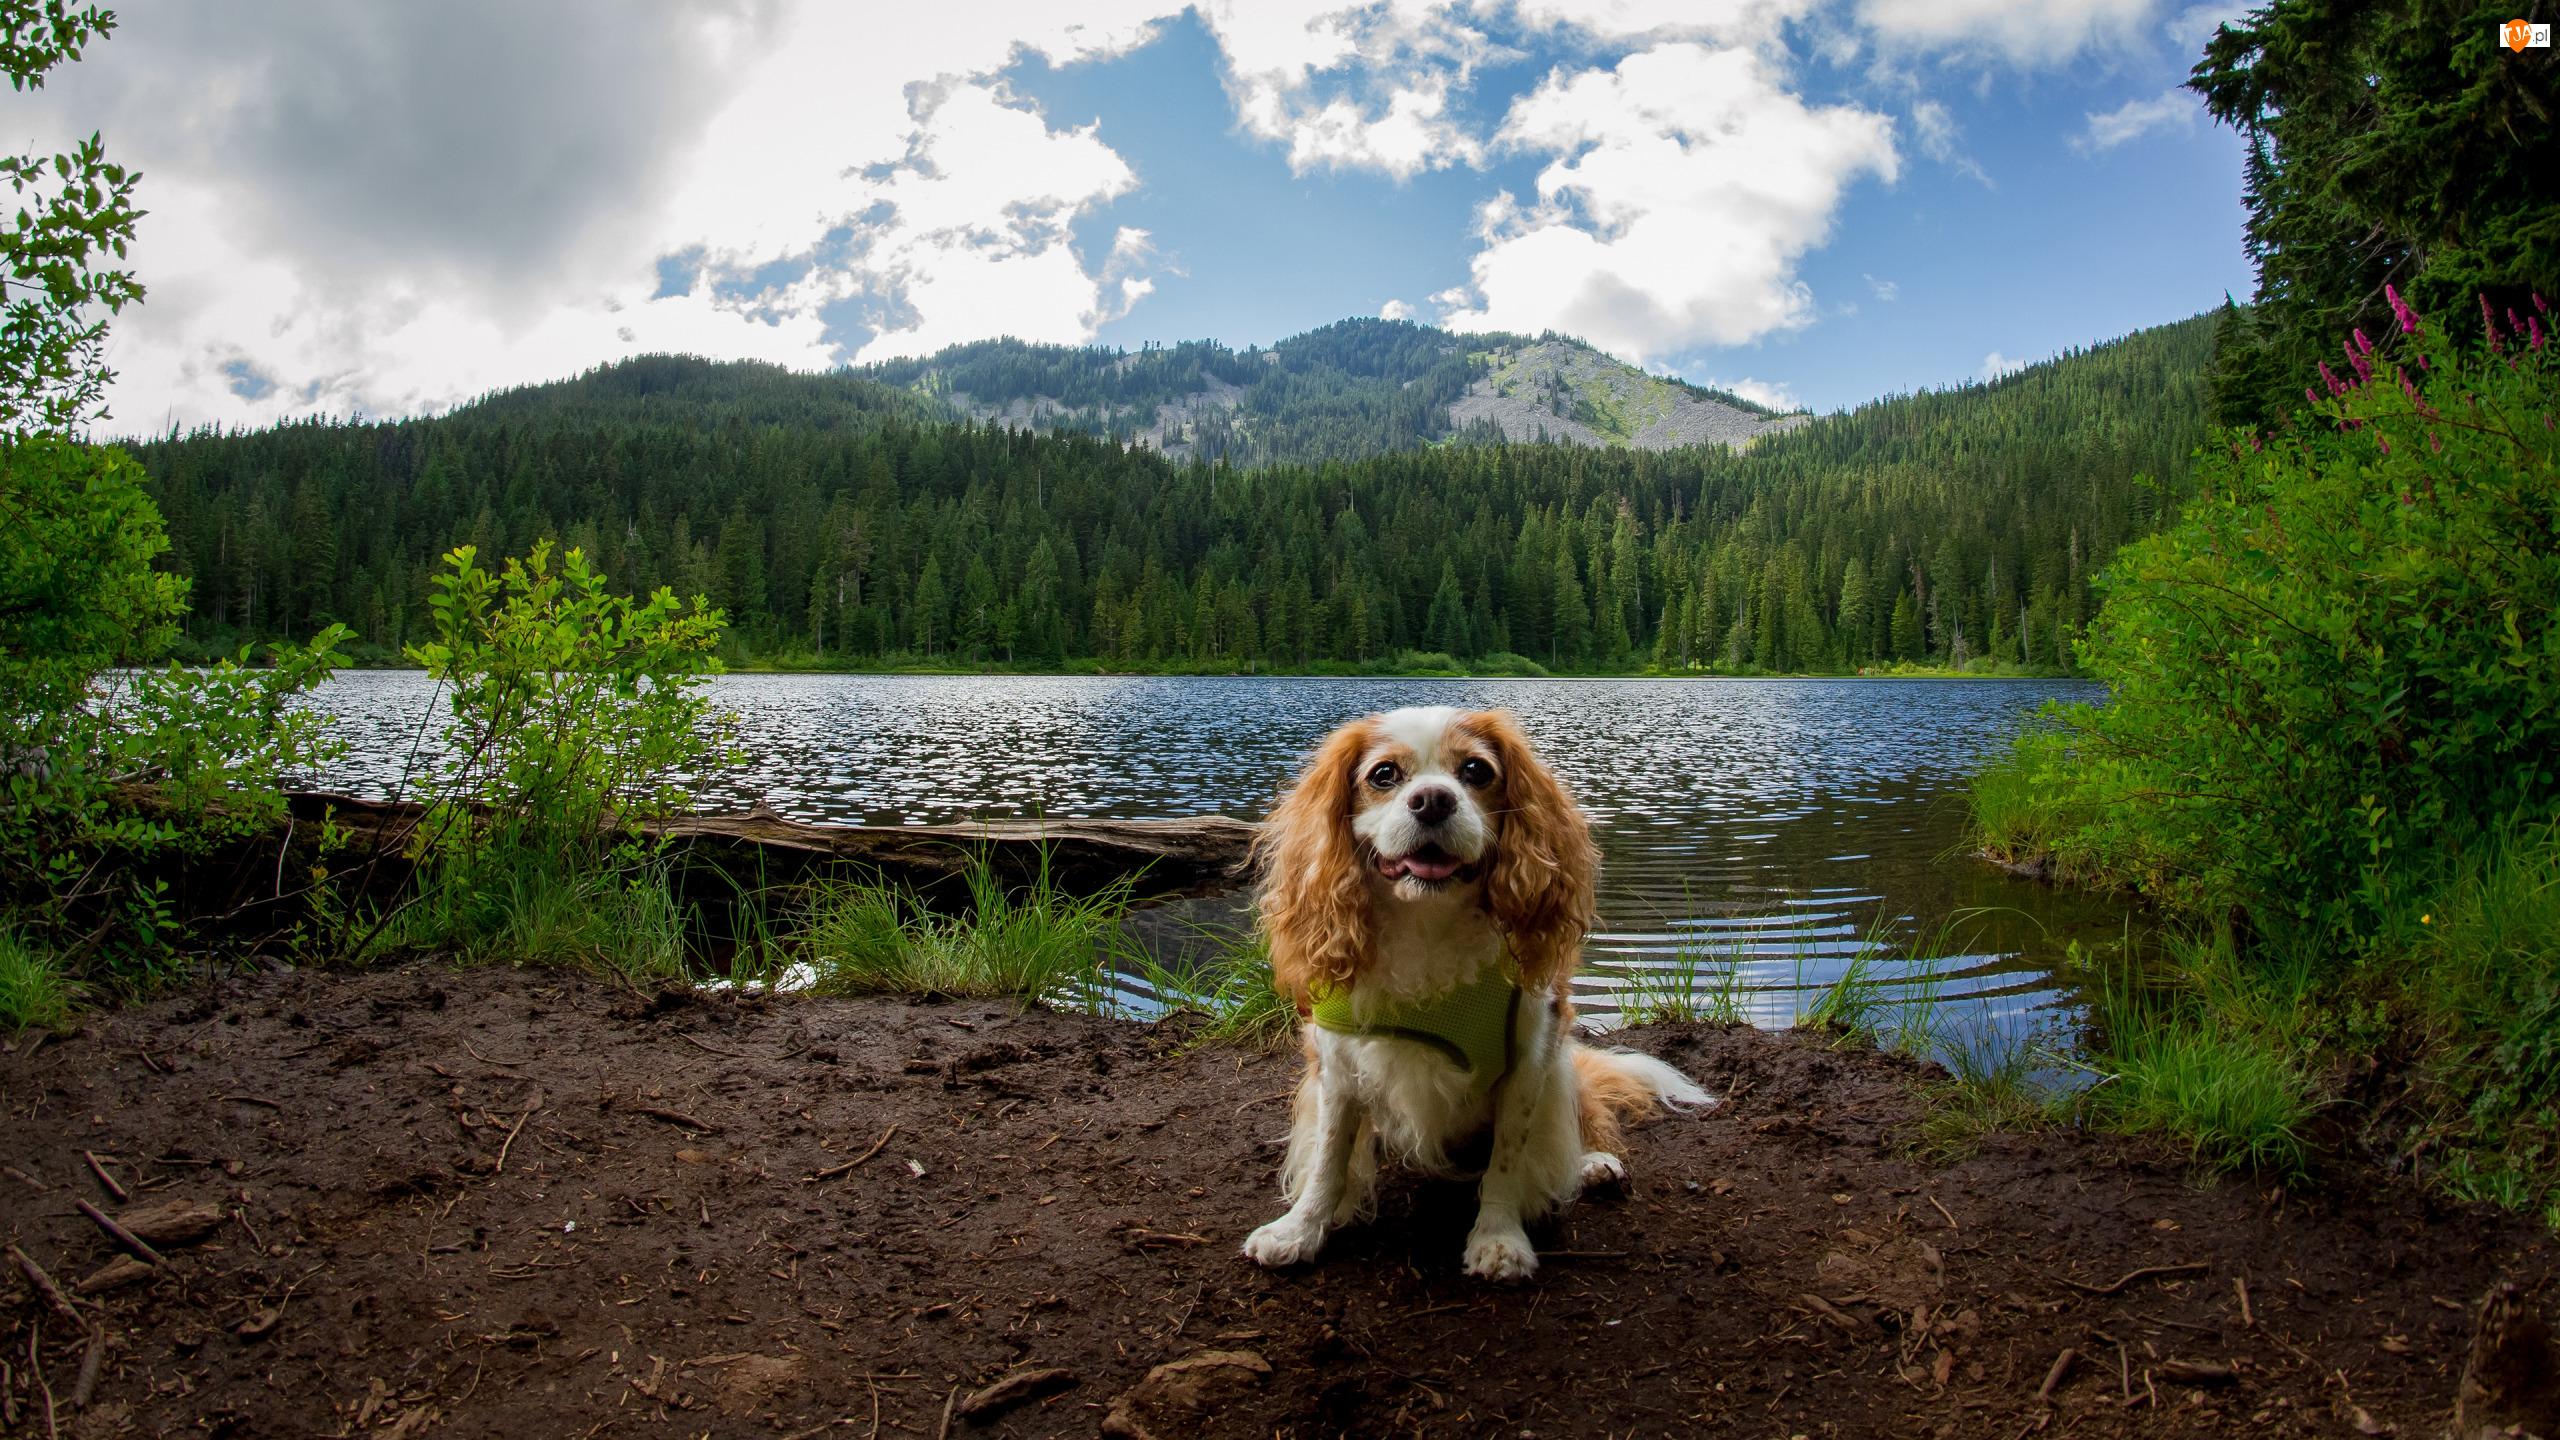 Rzeka, Góry, King charles spaniel, Pies, Drzewa